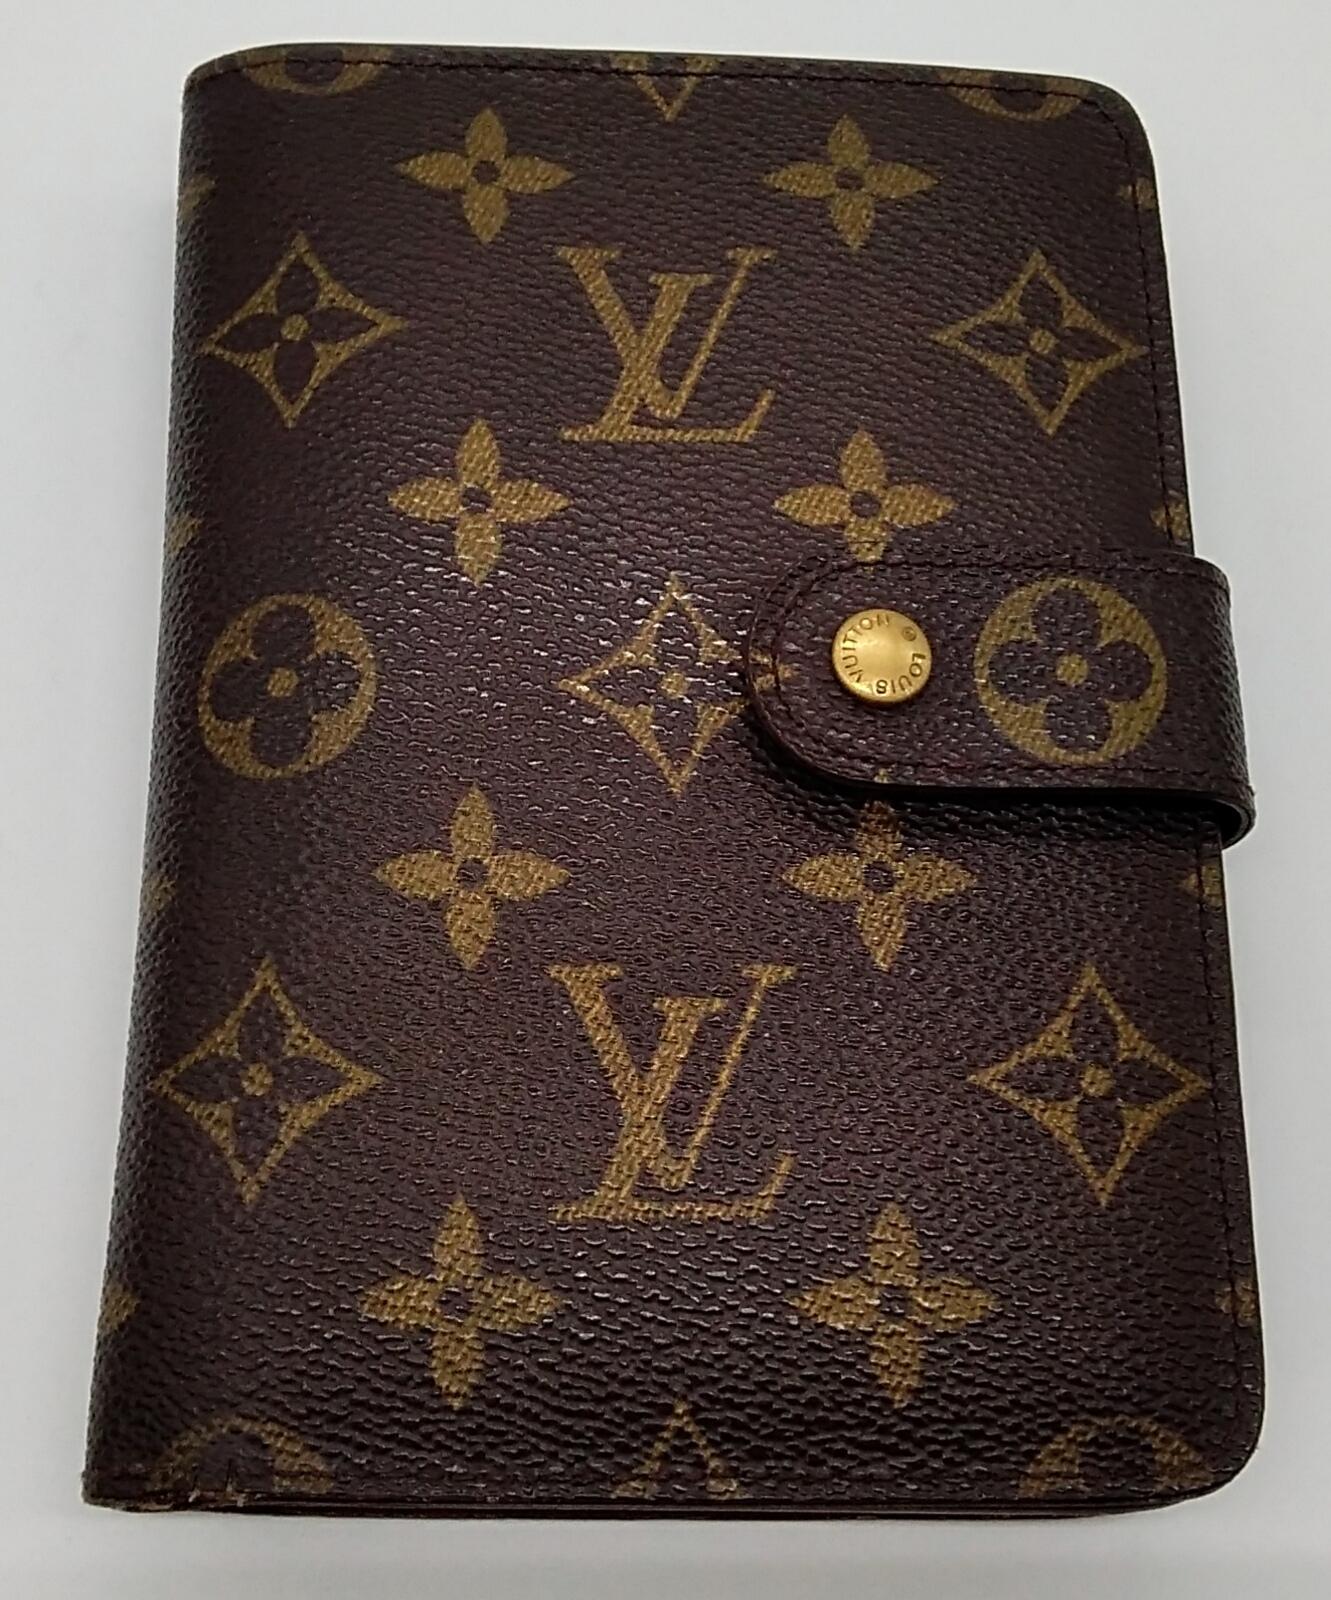 ポルト・パピエ・ジップ パスケース付き 二つ折り財布|LOUIS VUITTON